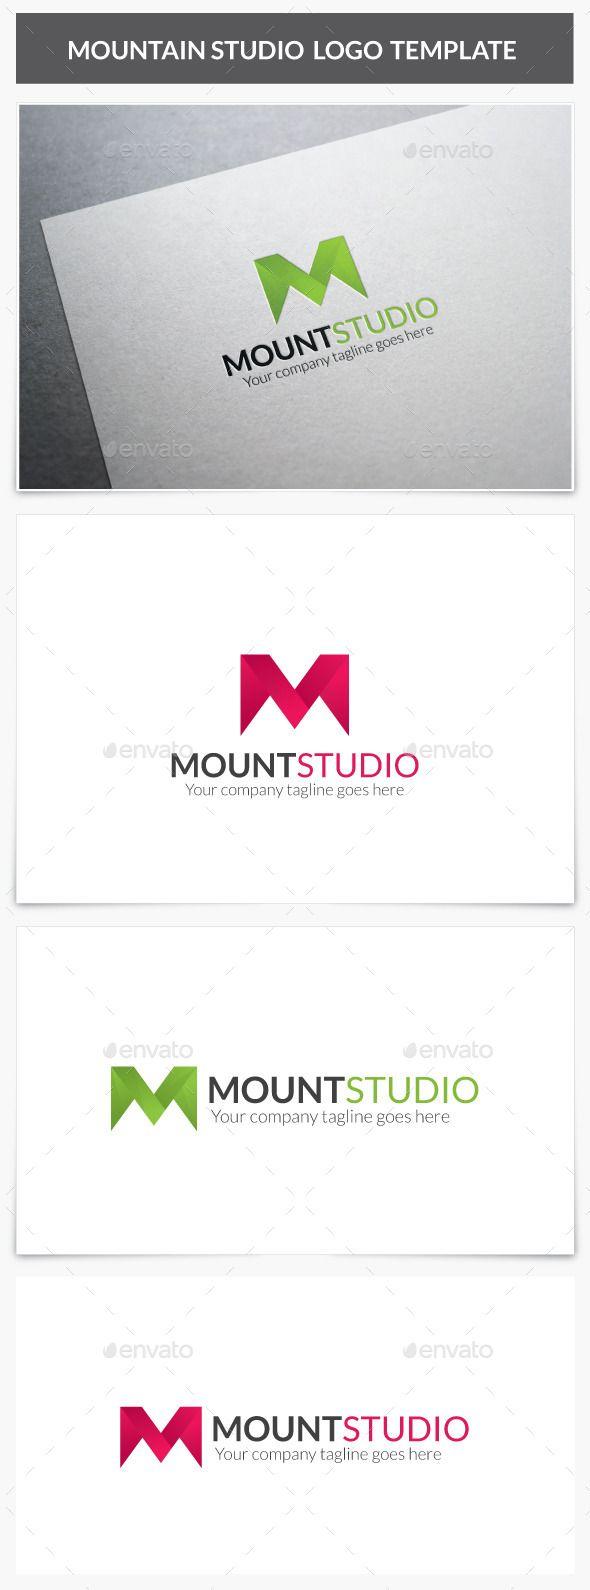 107 best images about Letter logo design on Pinterest